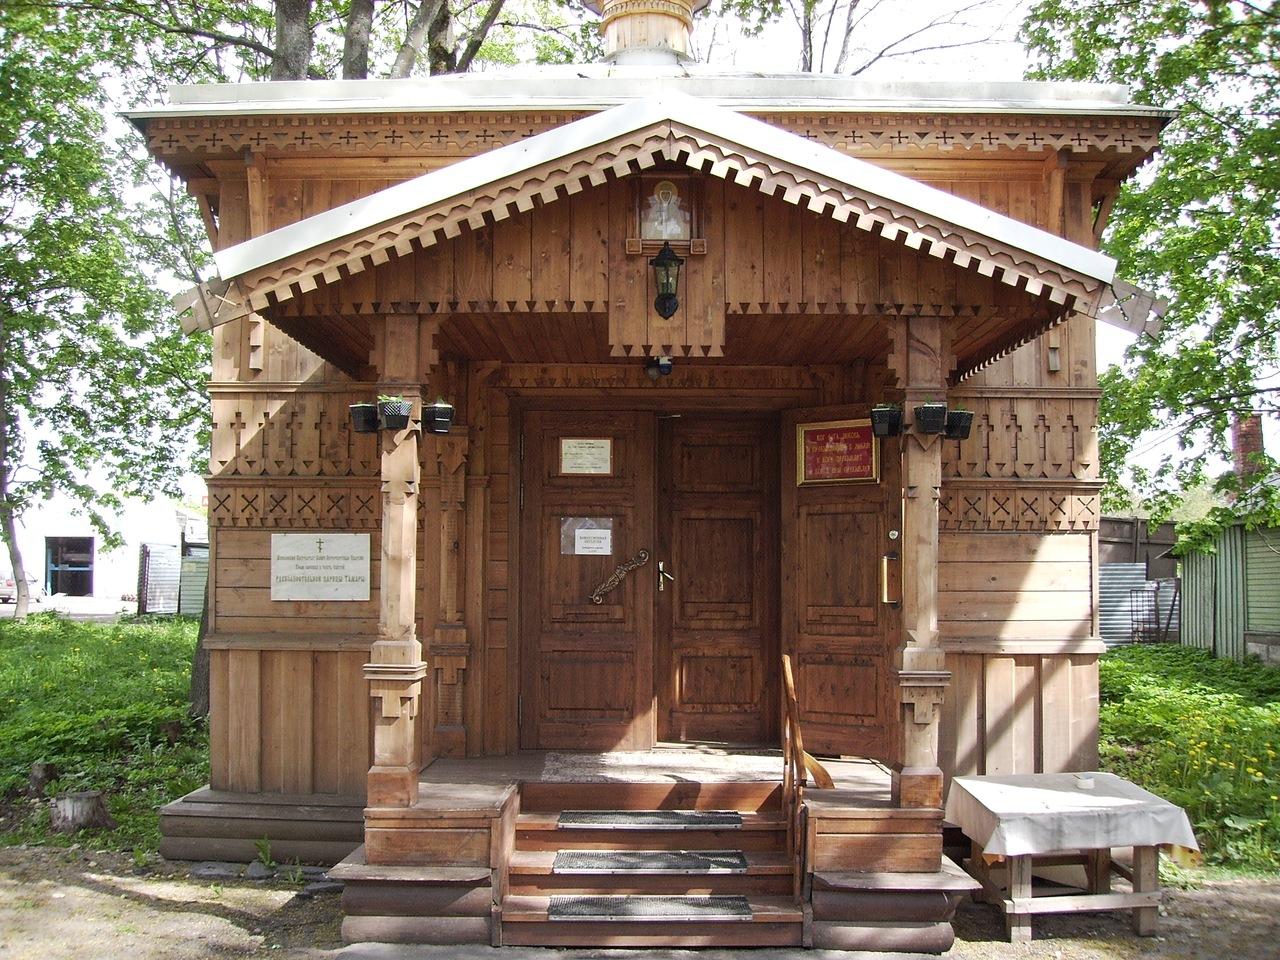 Храм-часовня во имя Святой благоверной царицы Тамары Великой. Фото: Andrius  Zhaltauskas